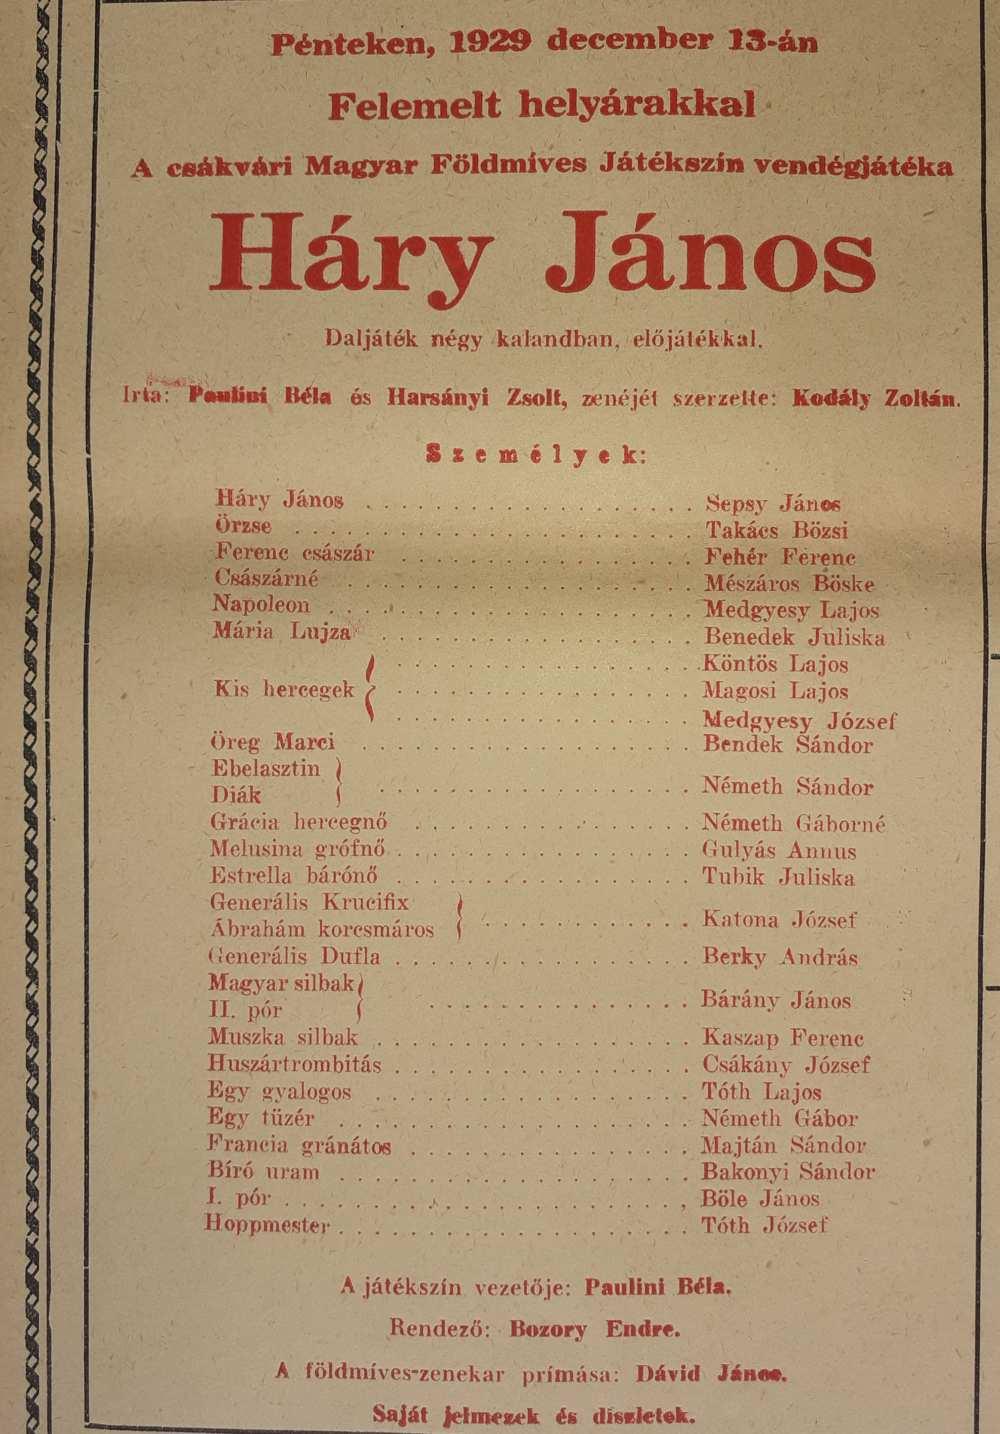 Háry János. A Nemzeti Színház Kamaraszínháza, 1929. december 13. A színlap részlete – Színháztörténeti és Zeneműtár